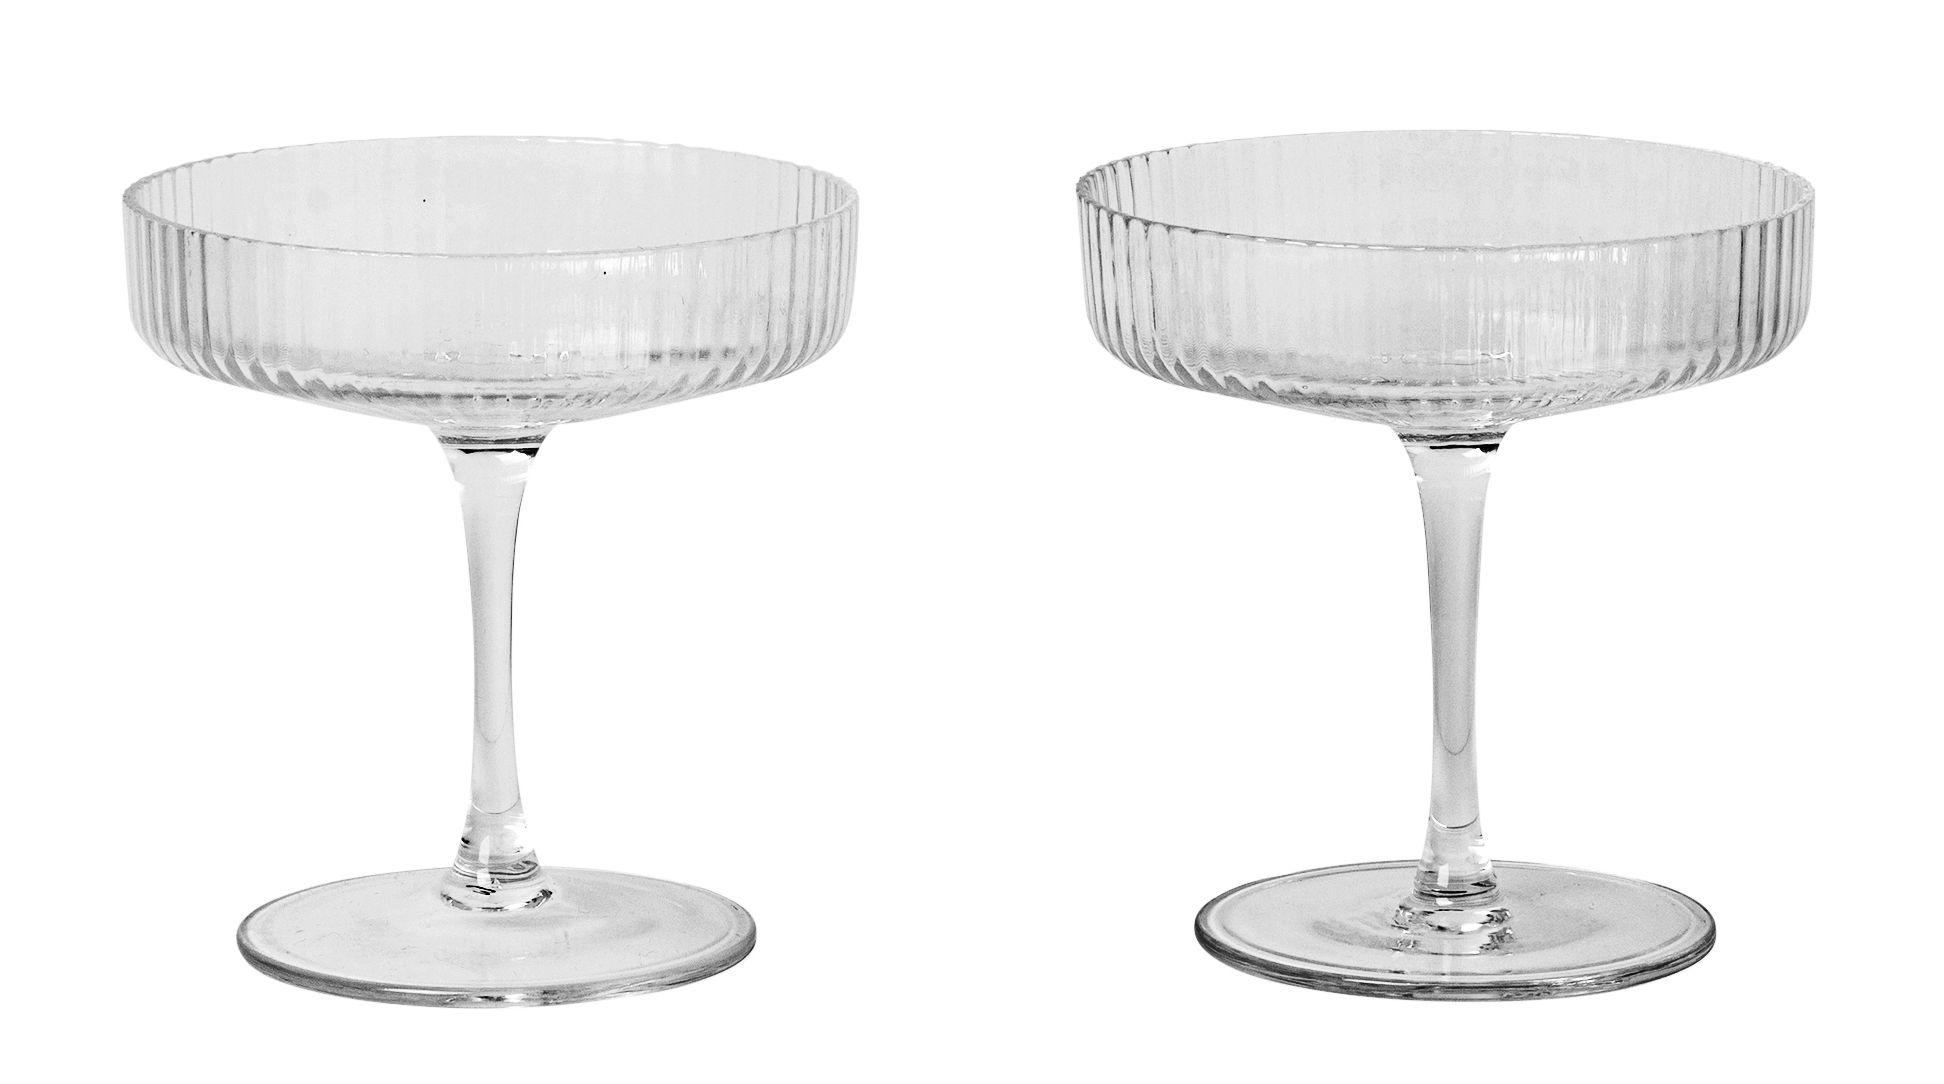 Arts de la table - Verres  - Coupe à champagne Ripple / Set de 2 - Verre soufflé bouche - Ferm Living - Transparent / Stries - Verre soufflé bouche